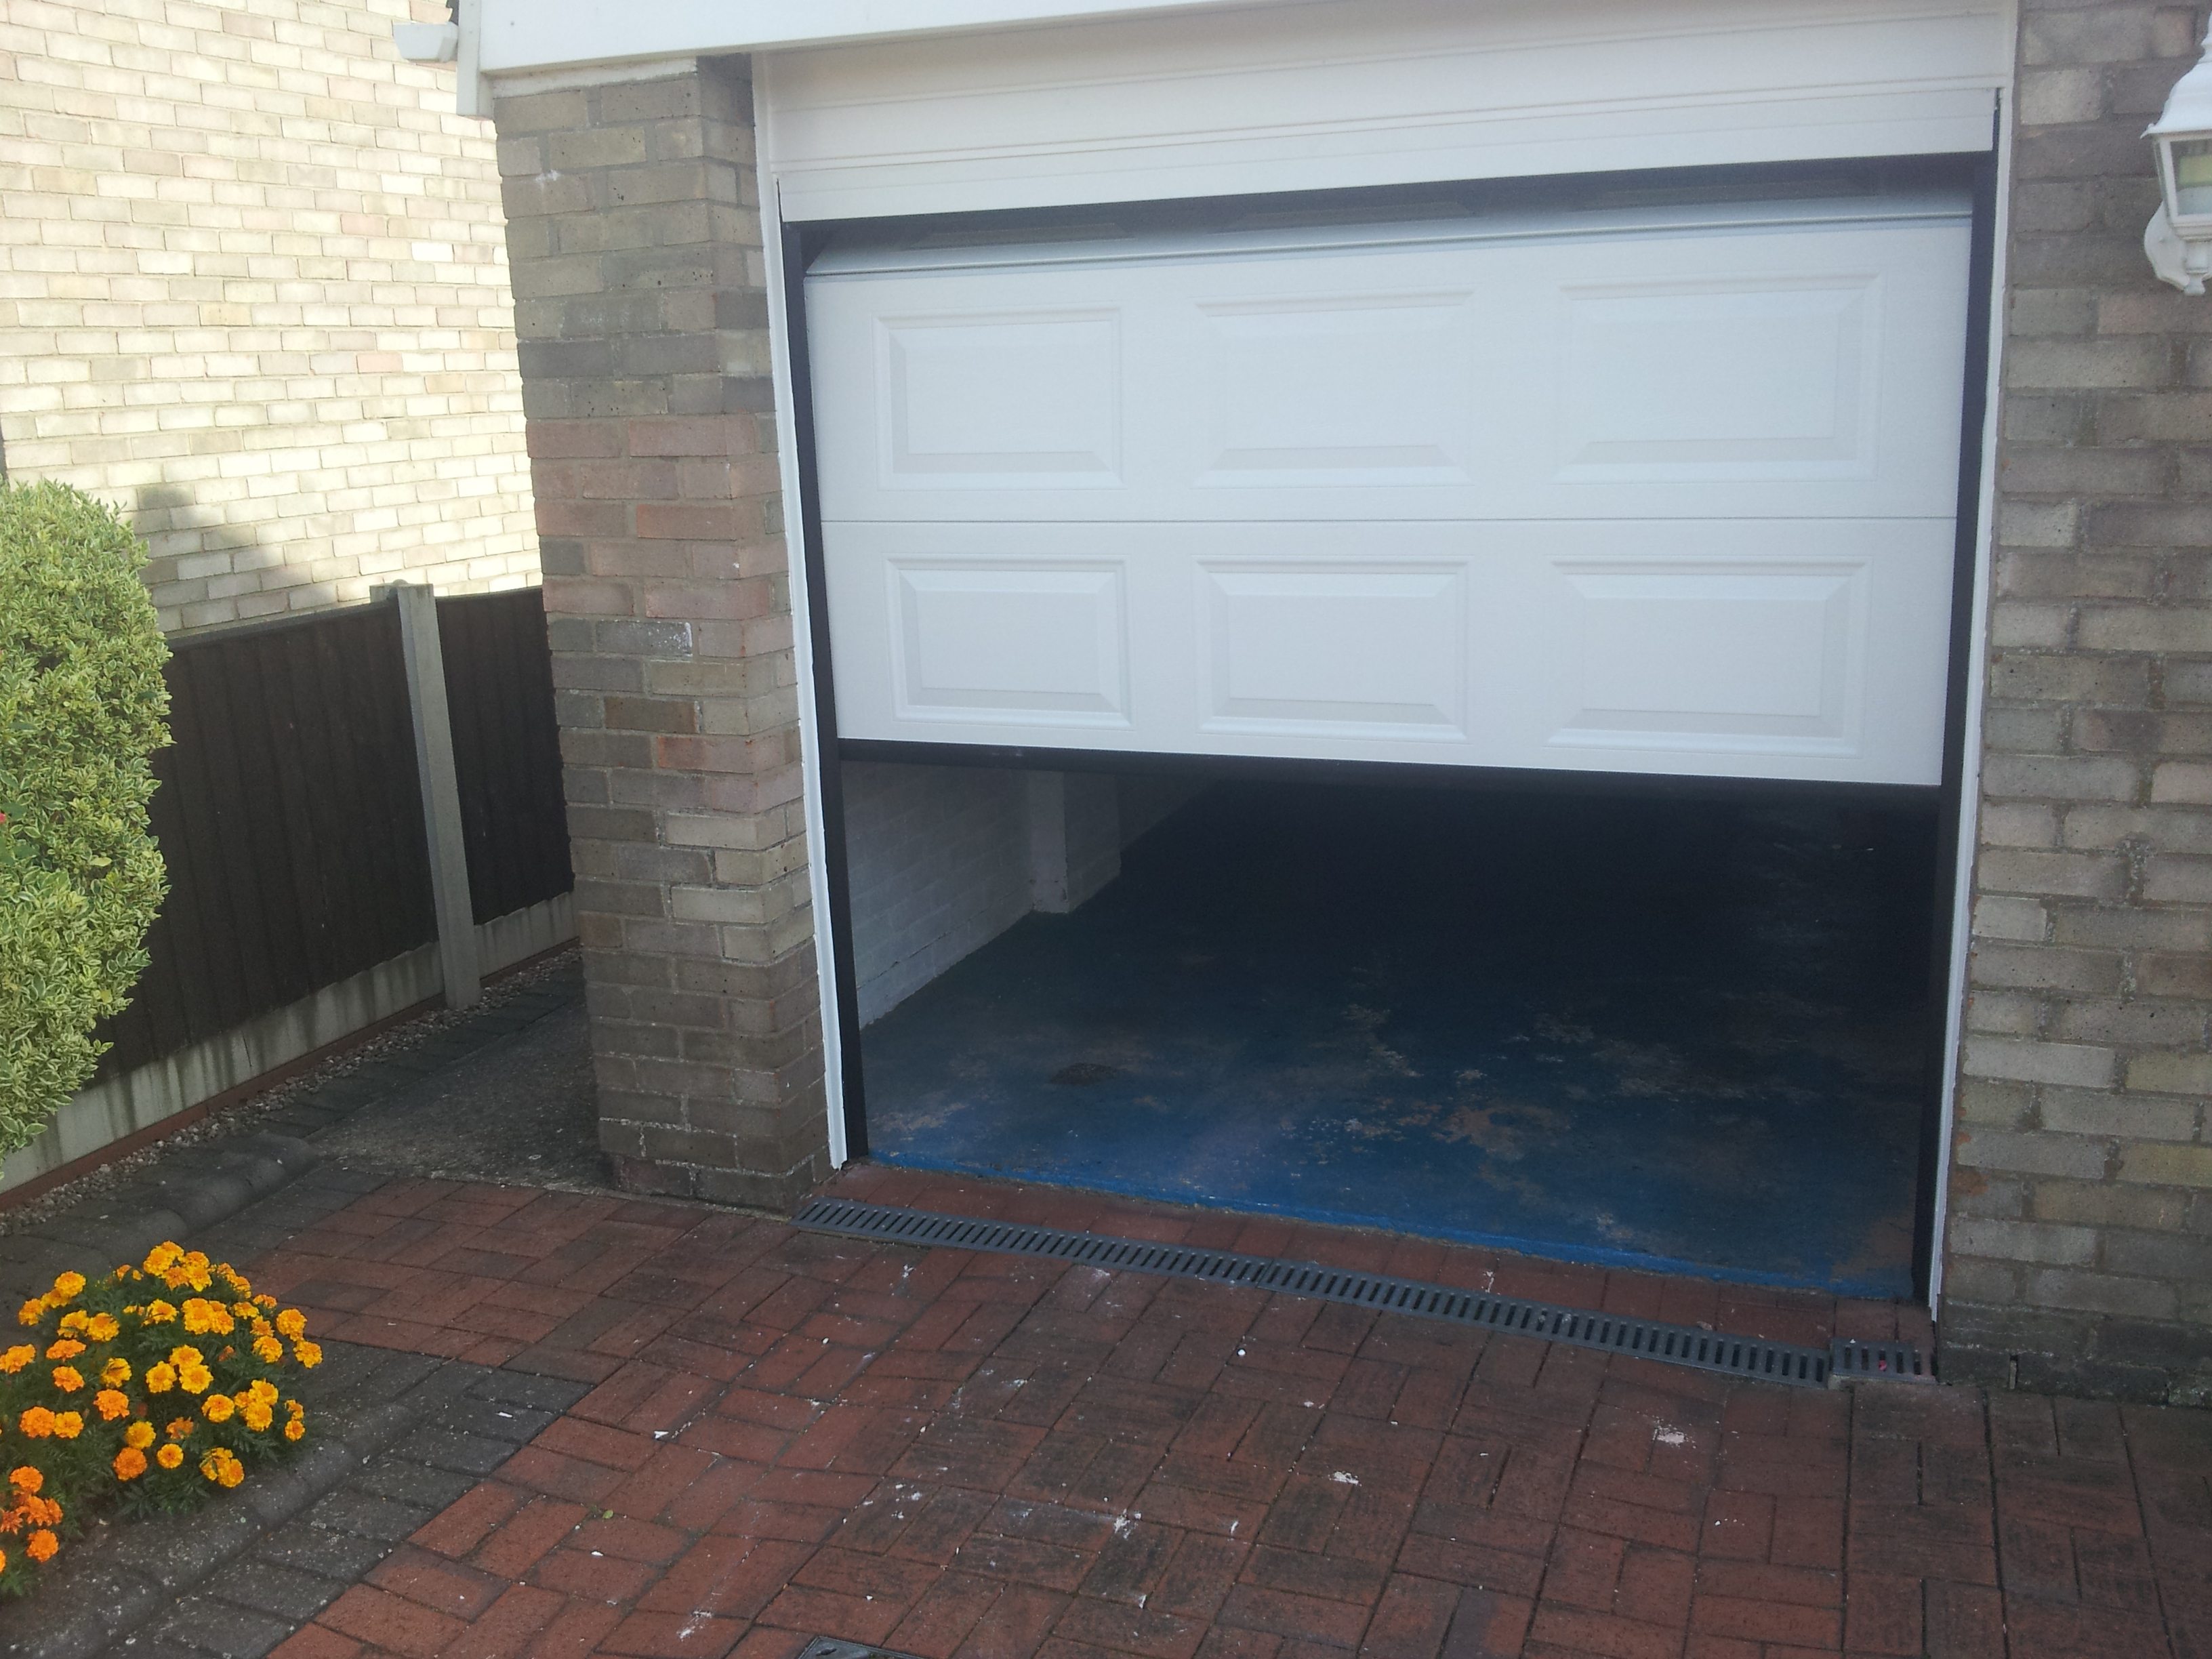 l door p garage doors picture opener clicker gds control remote of guardian s